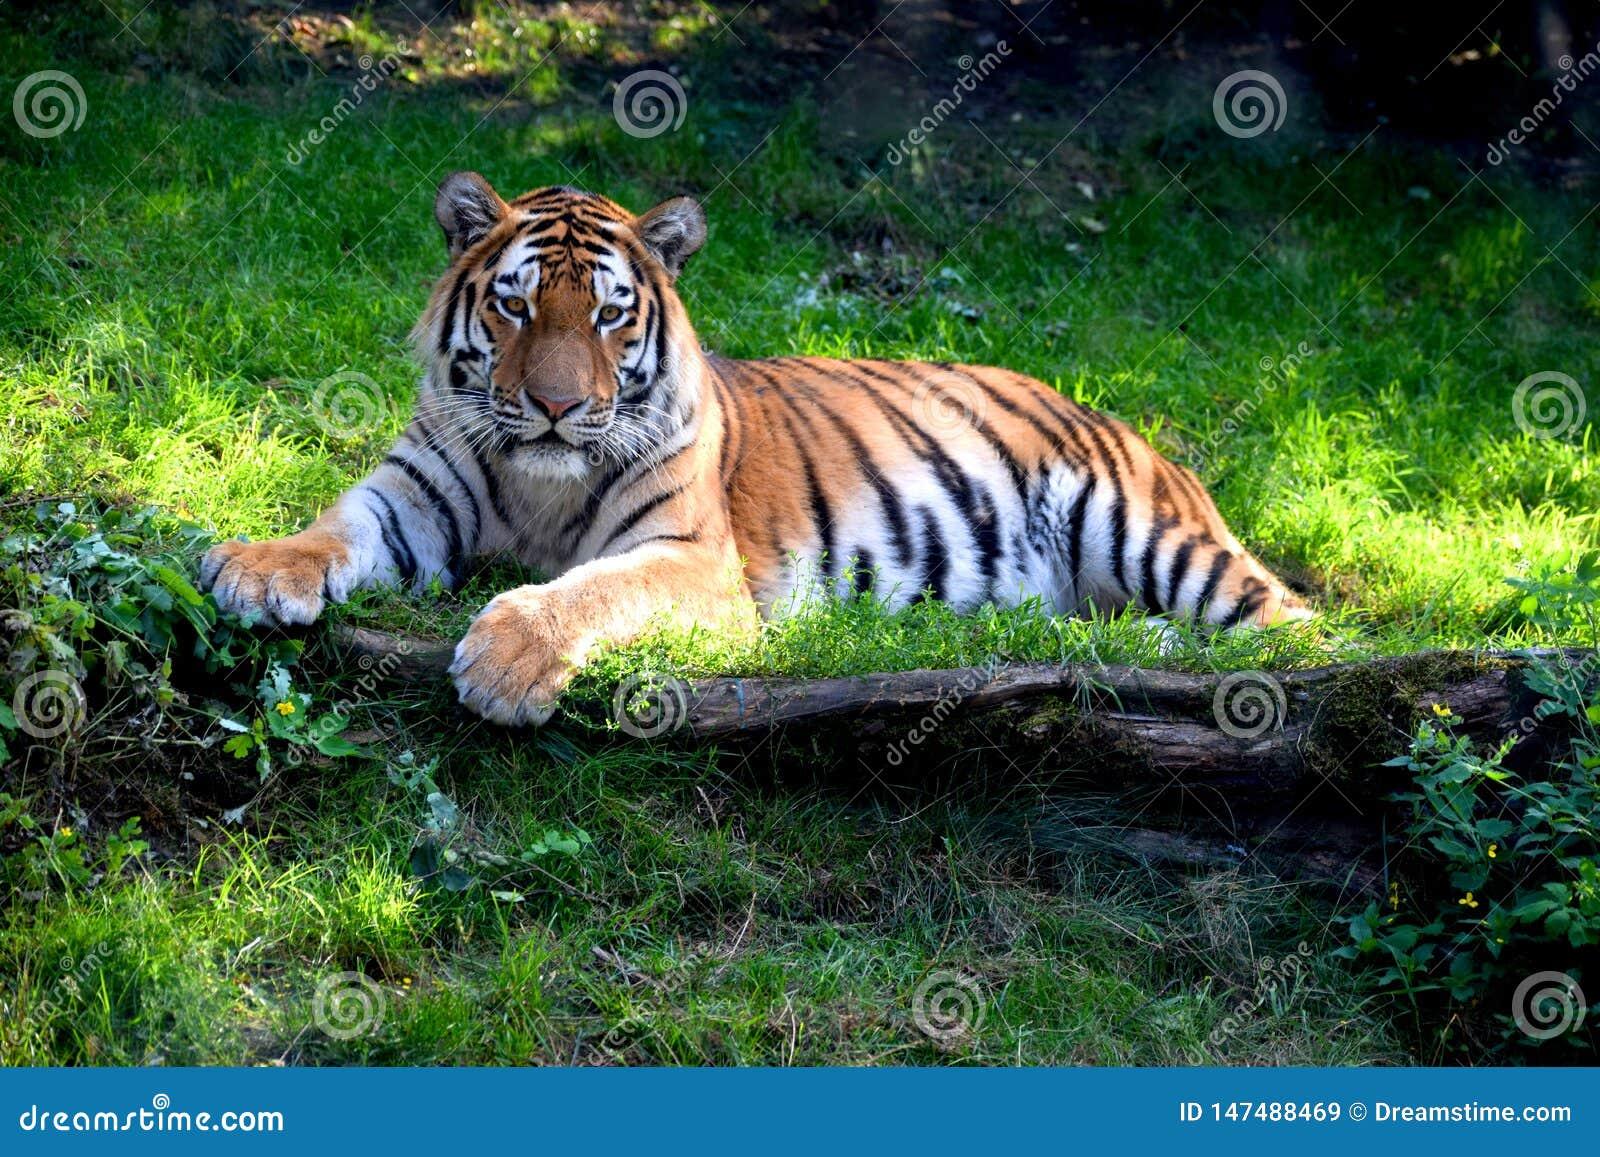 Piękny Ussurian tygrys kłama na trawie